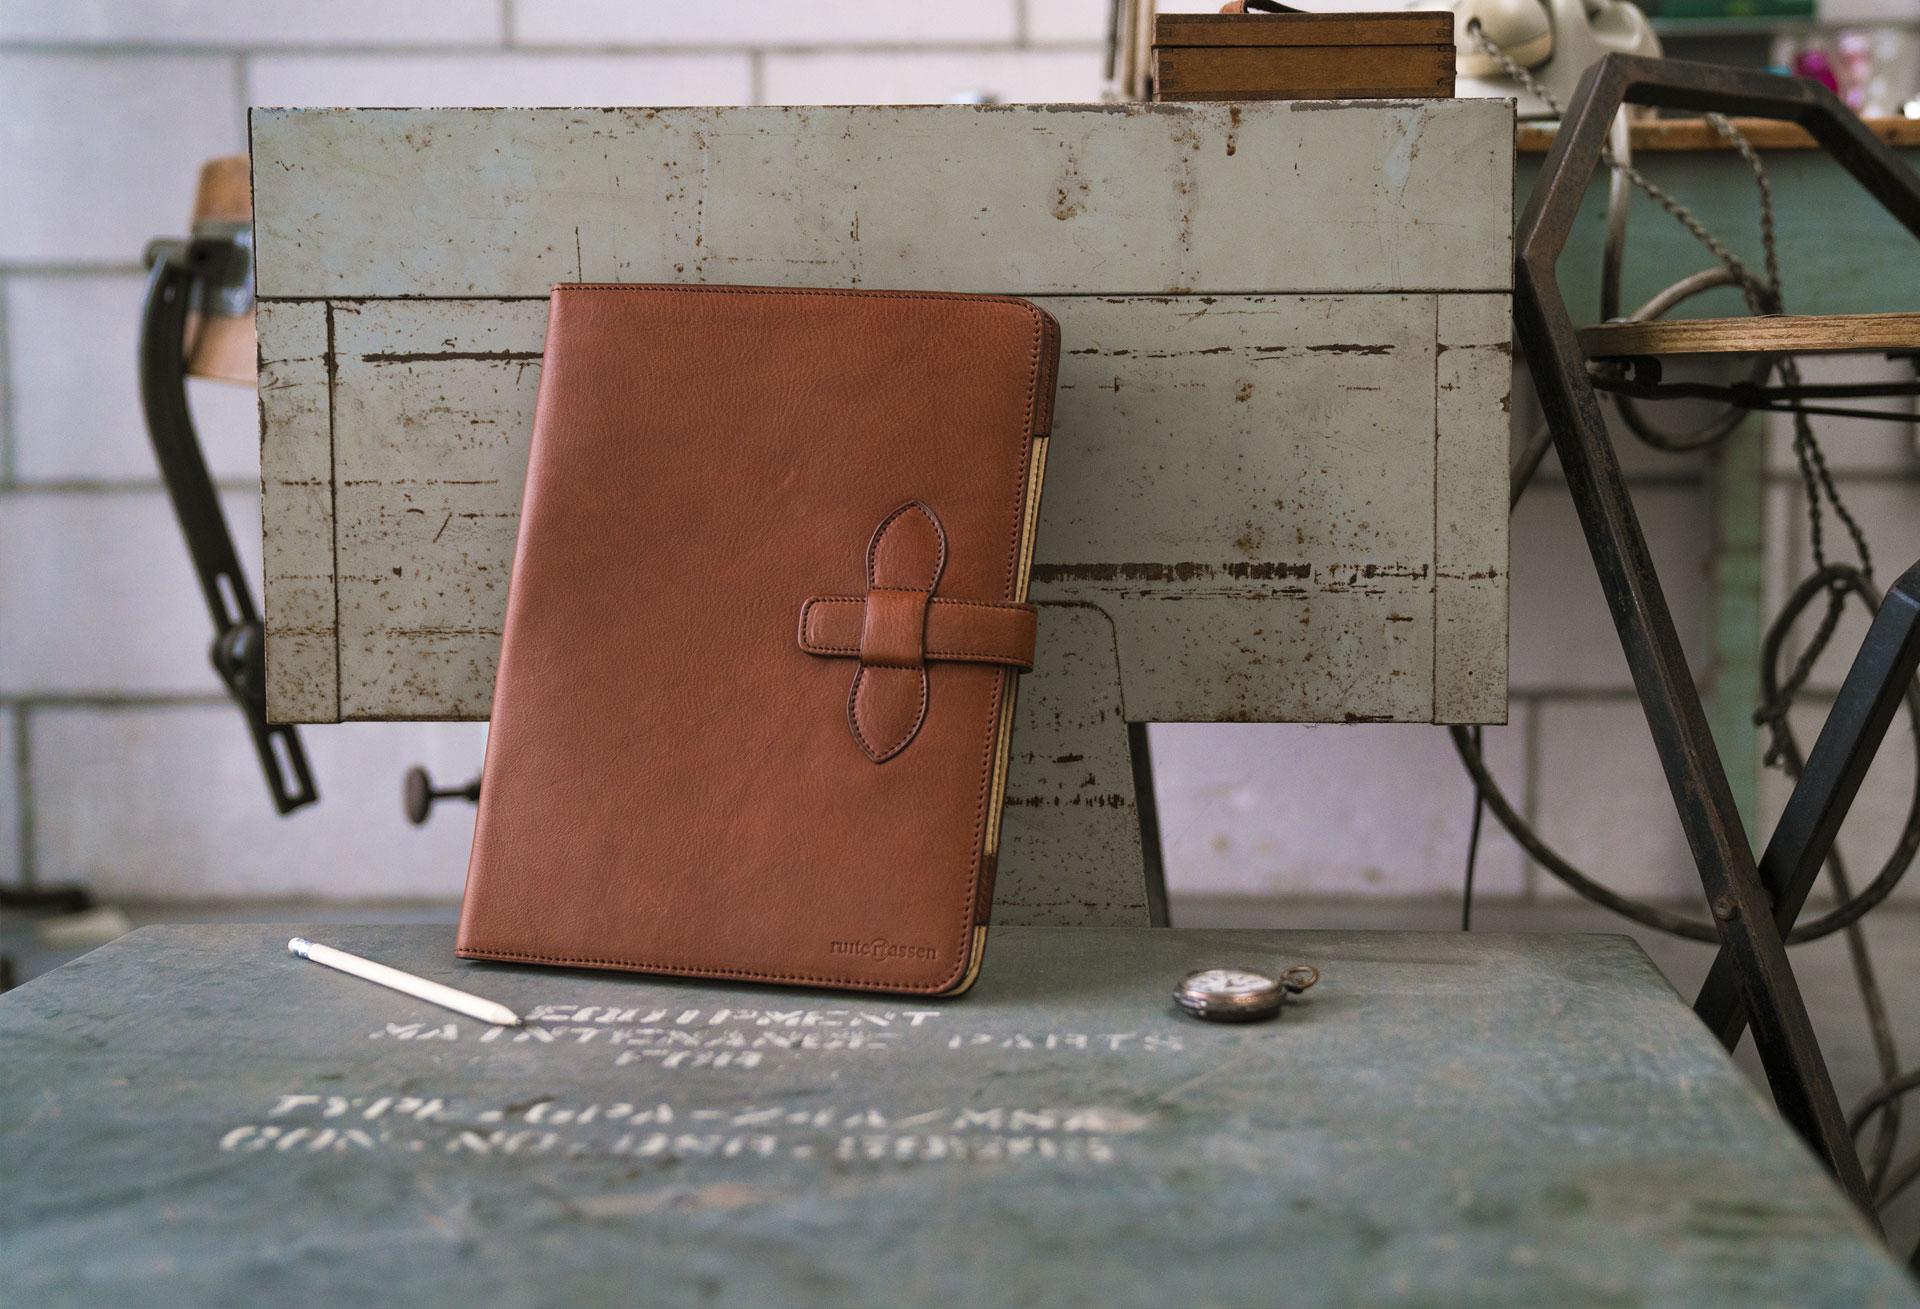 Conférencier en cuir brun de luxe.